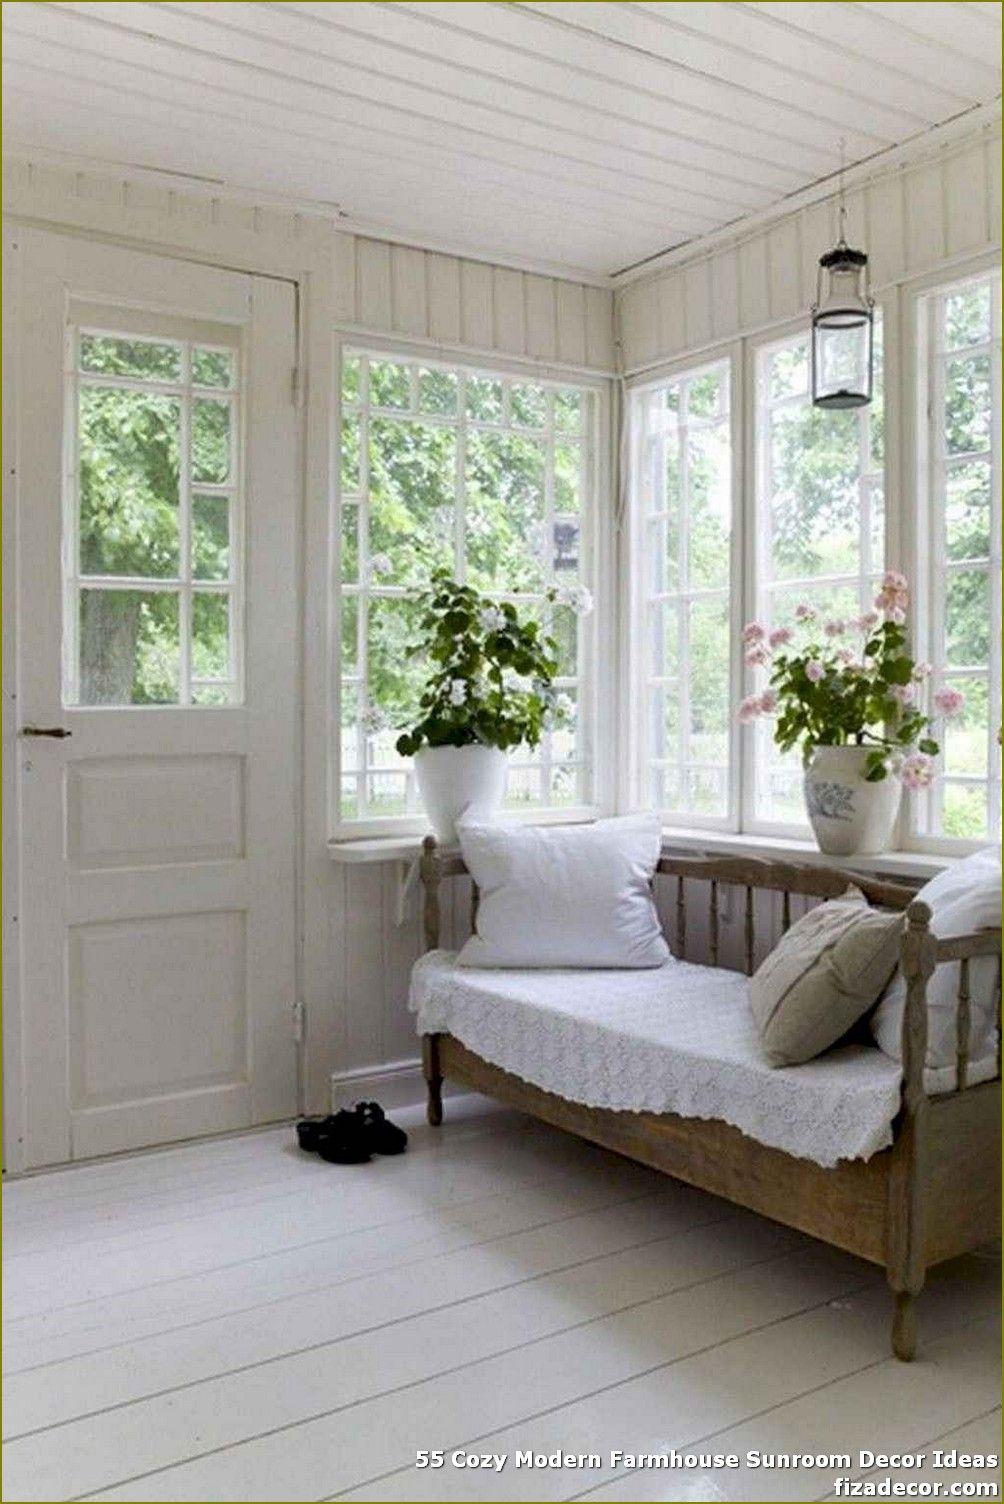 55 Cozy Modern Farmhouse Sunroom Decor Ideas Sunroom